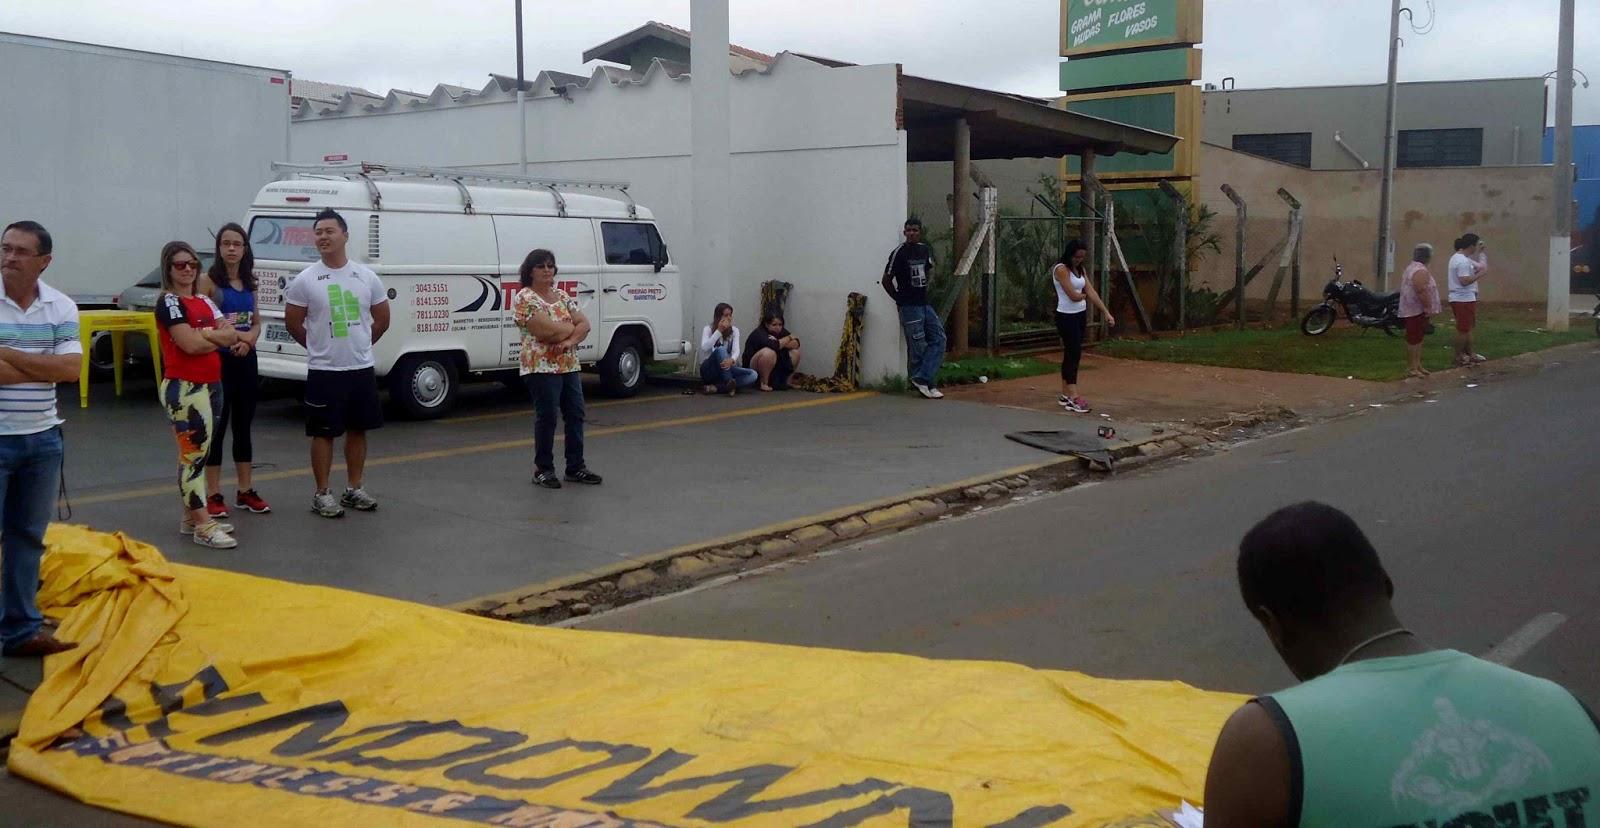 Foto 72 da 1ª Corrida Av. dos Coqueiros em Barretos-SP 14/04/2013 – Atletas cruzando a linha de chegada